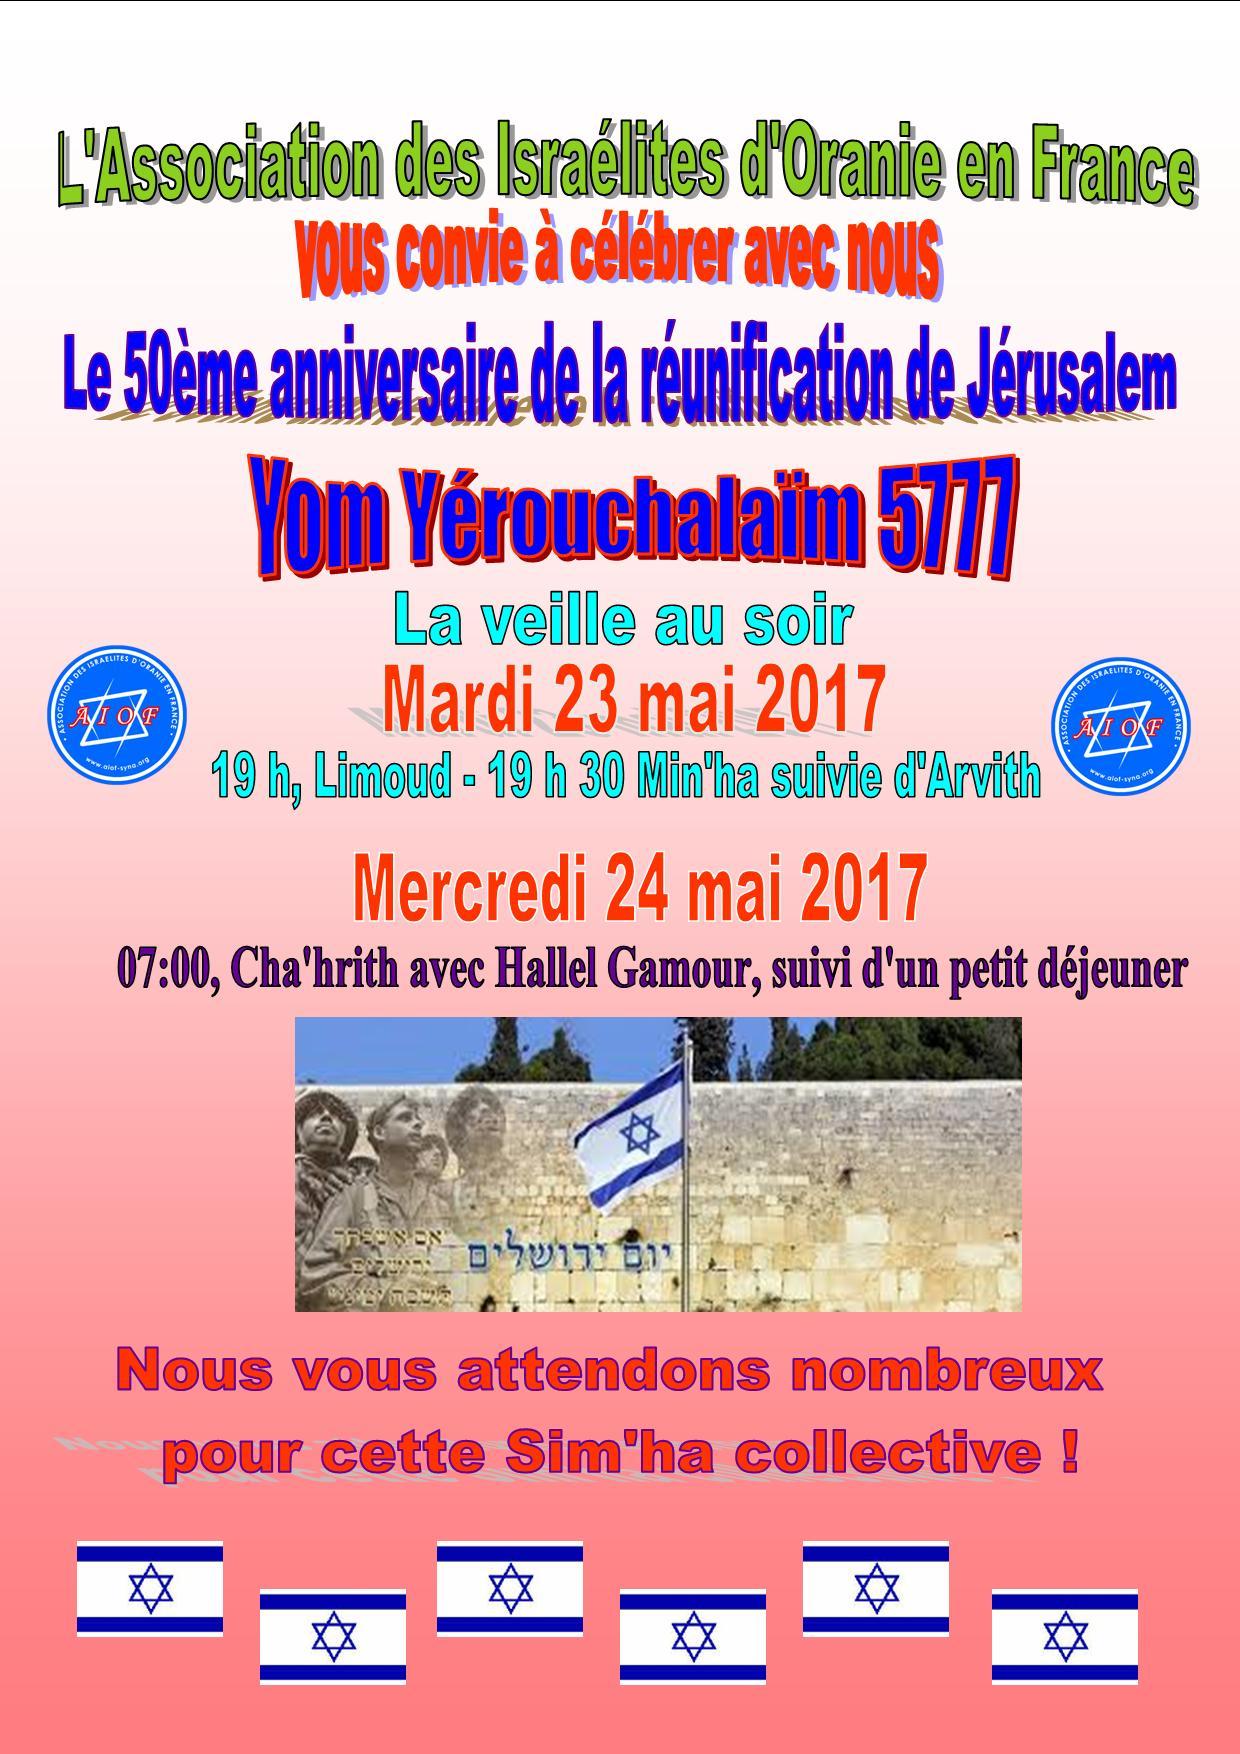 Affiche Yom Yérouchalaïm 5777